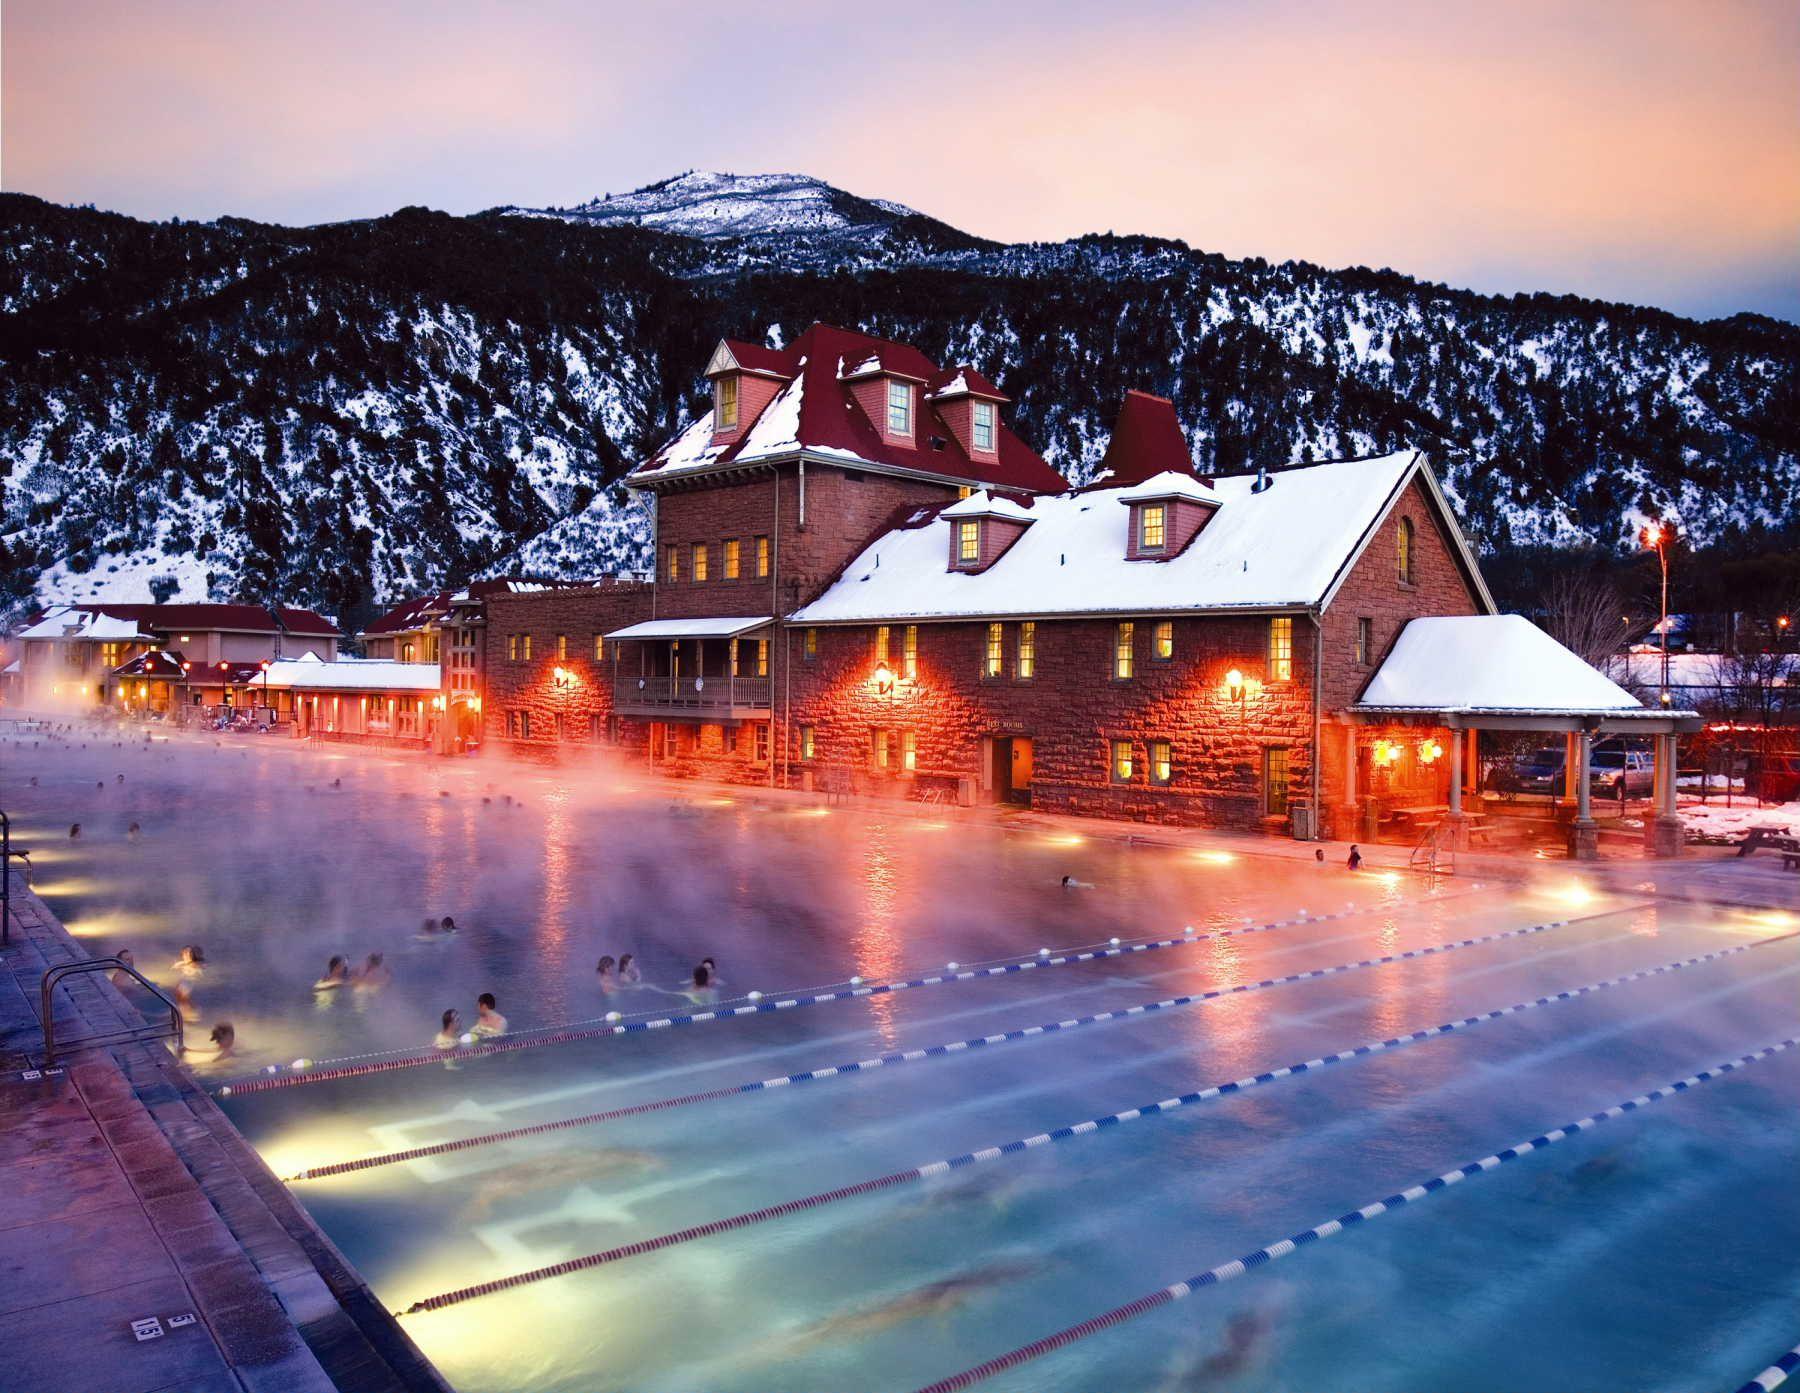 Glenwood Hot Springs Lodge Ad Pool Photo Library Glenwood Springs Colorado Hot Springs Glenwood Springs